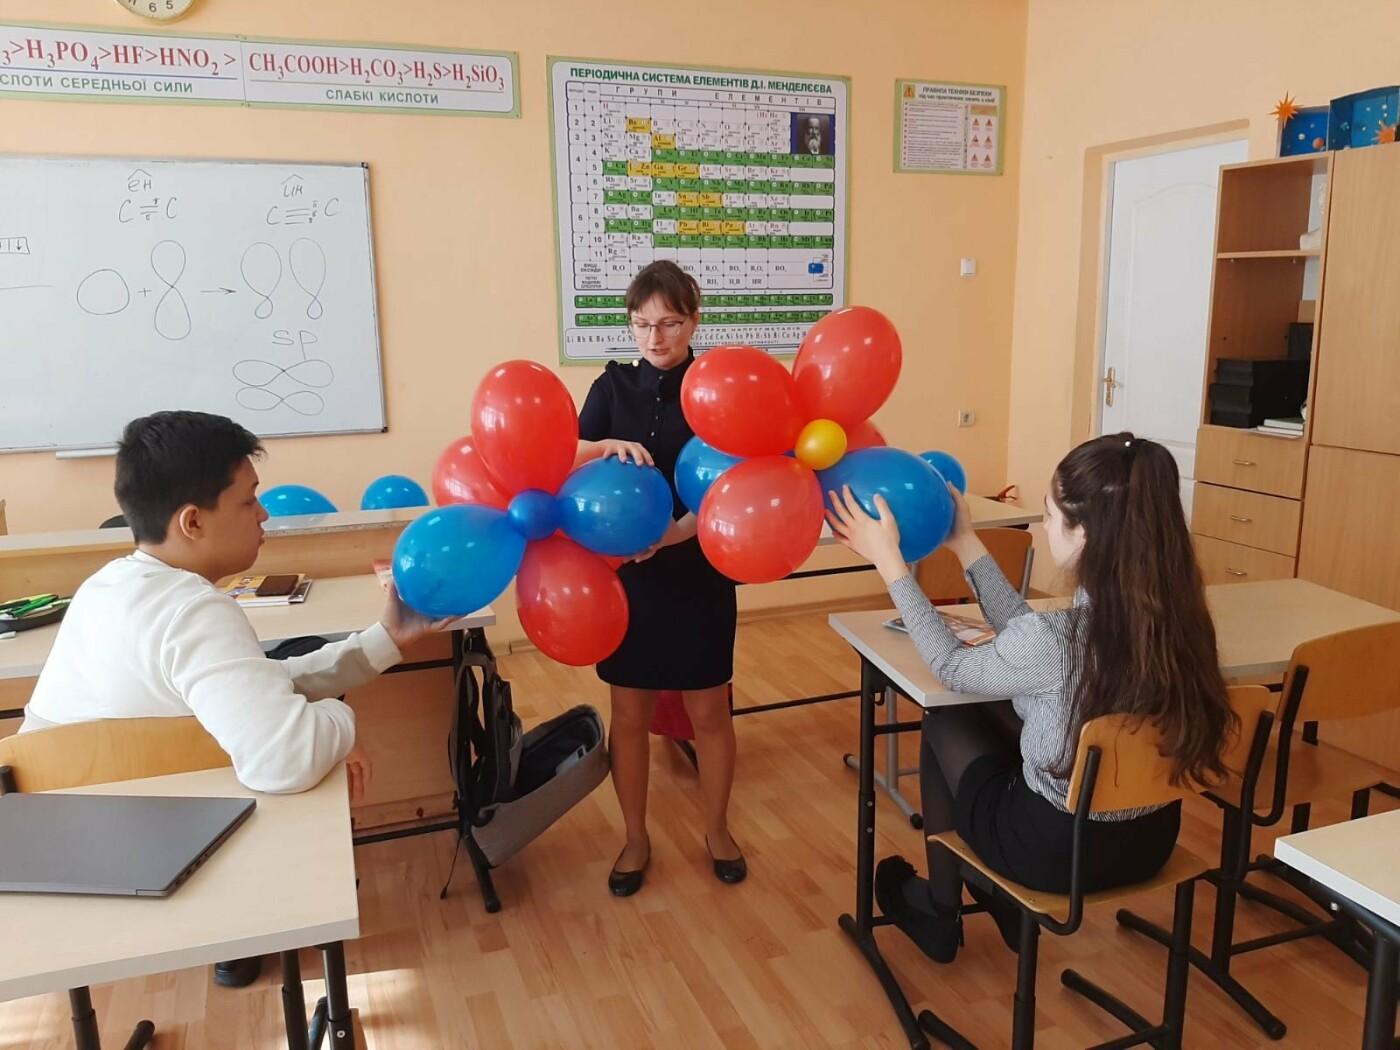 Развитие и образование ребенка в Одессе, фото-7